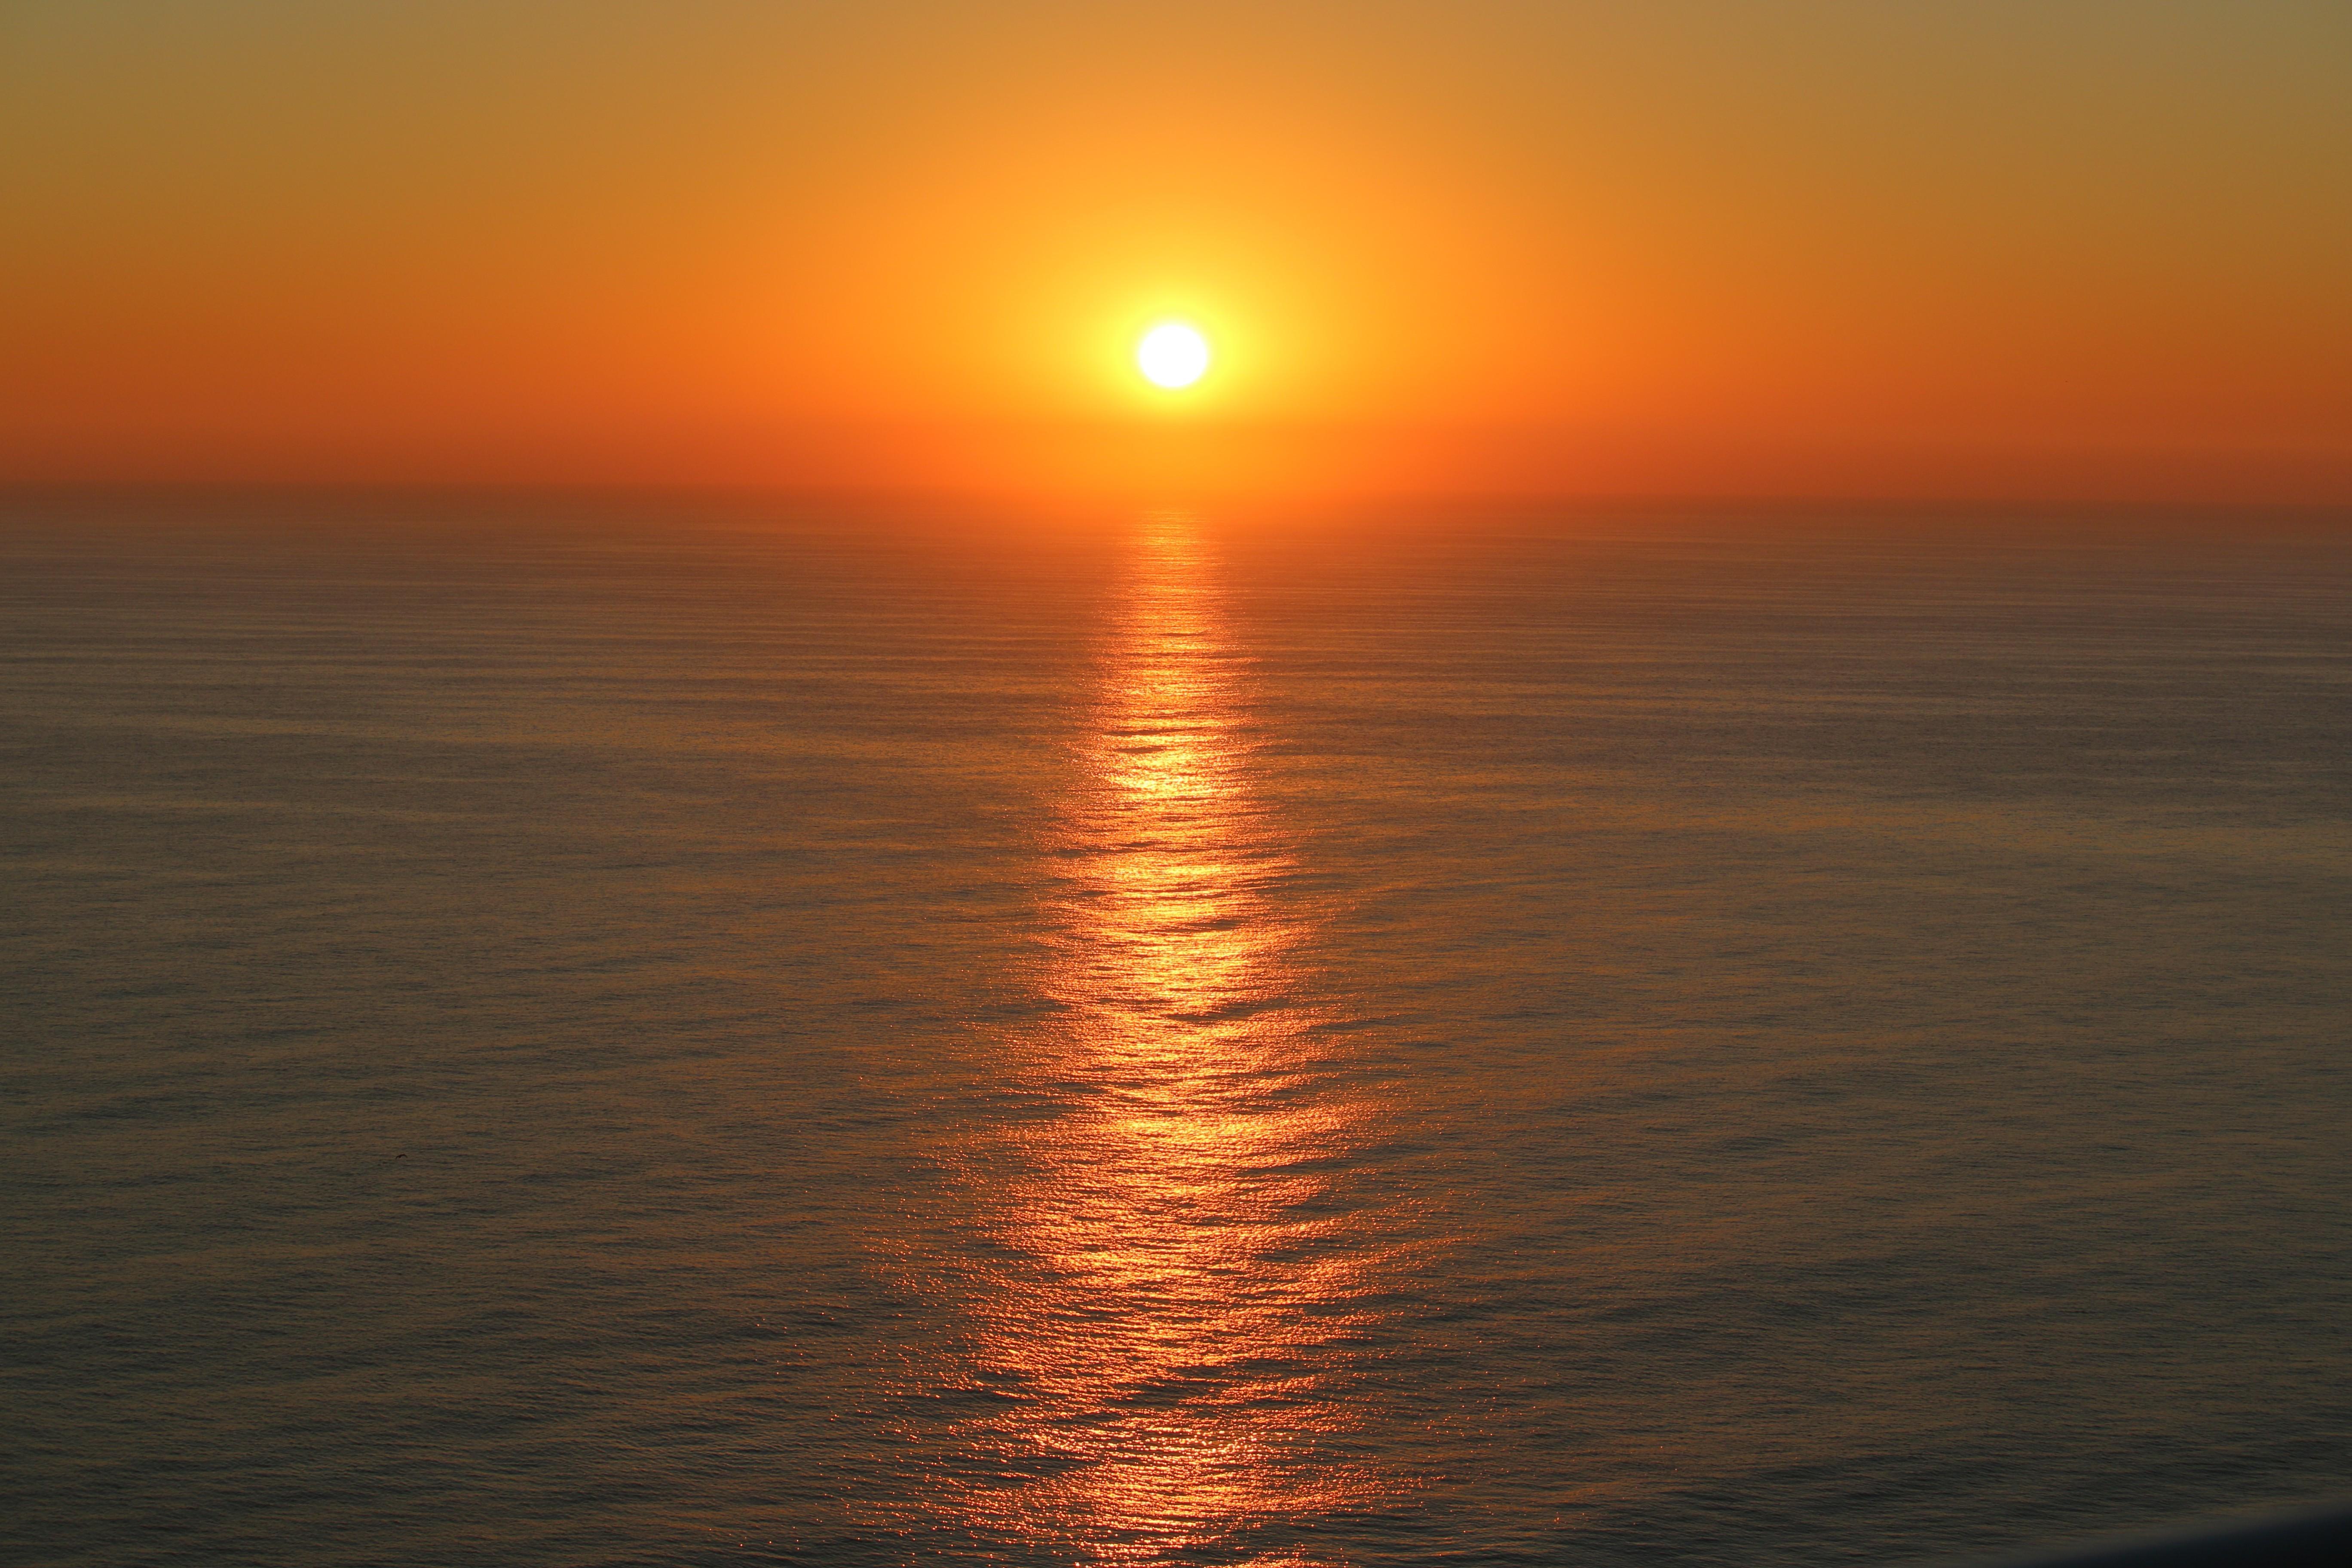 инвестиций фото рассвета над морем является обладательницей